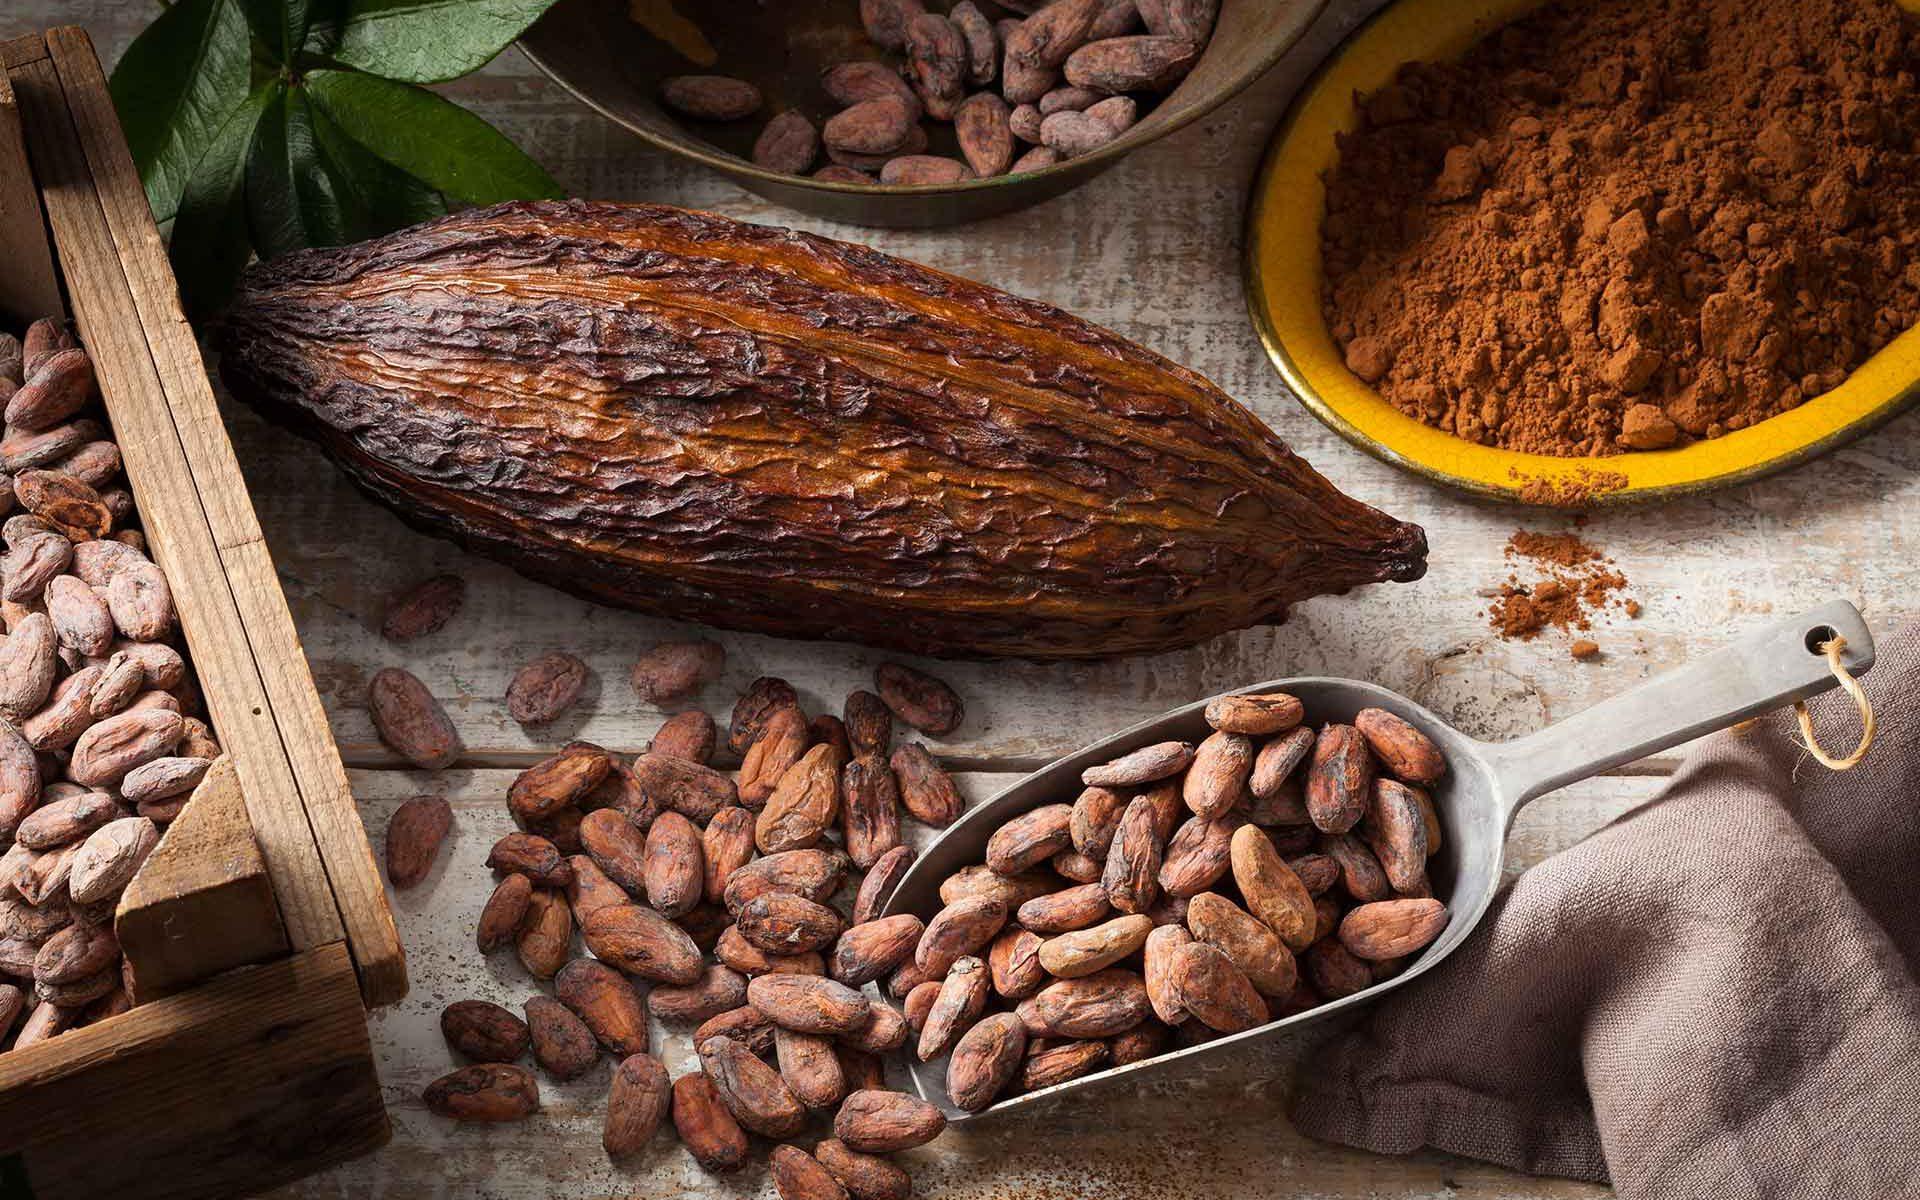 Kakaofrucht, Kakobohne und gemahlener Kakao mit Zubehör auf einem Tisch